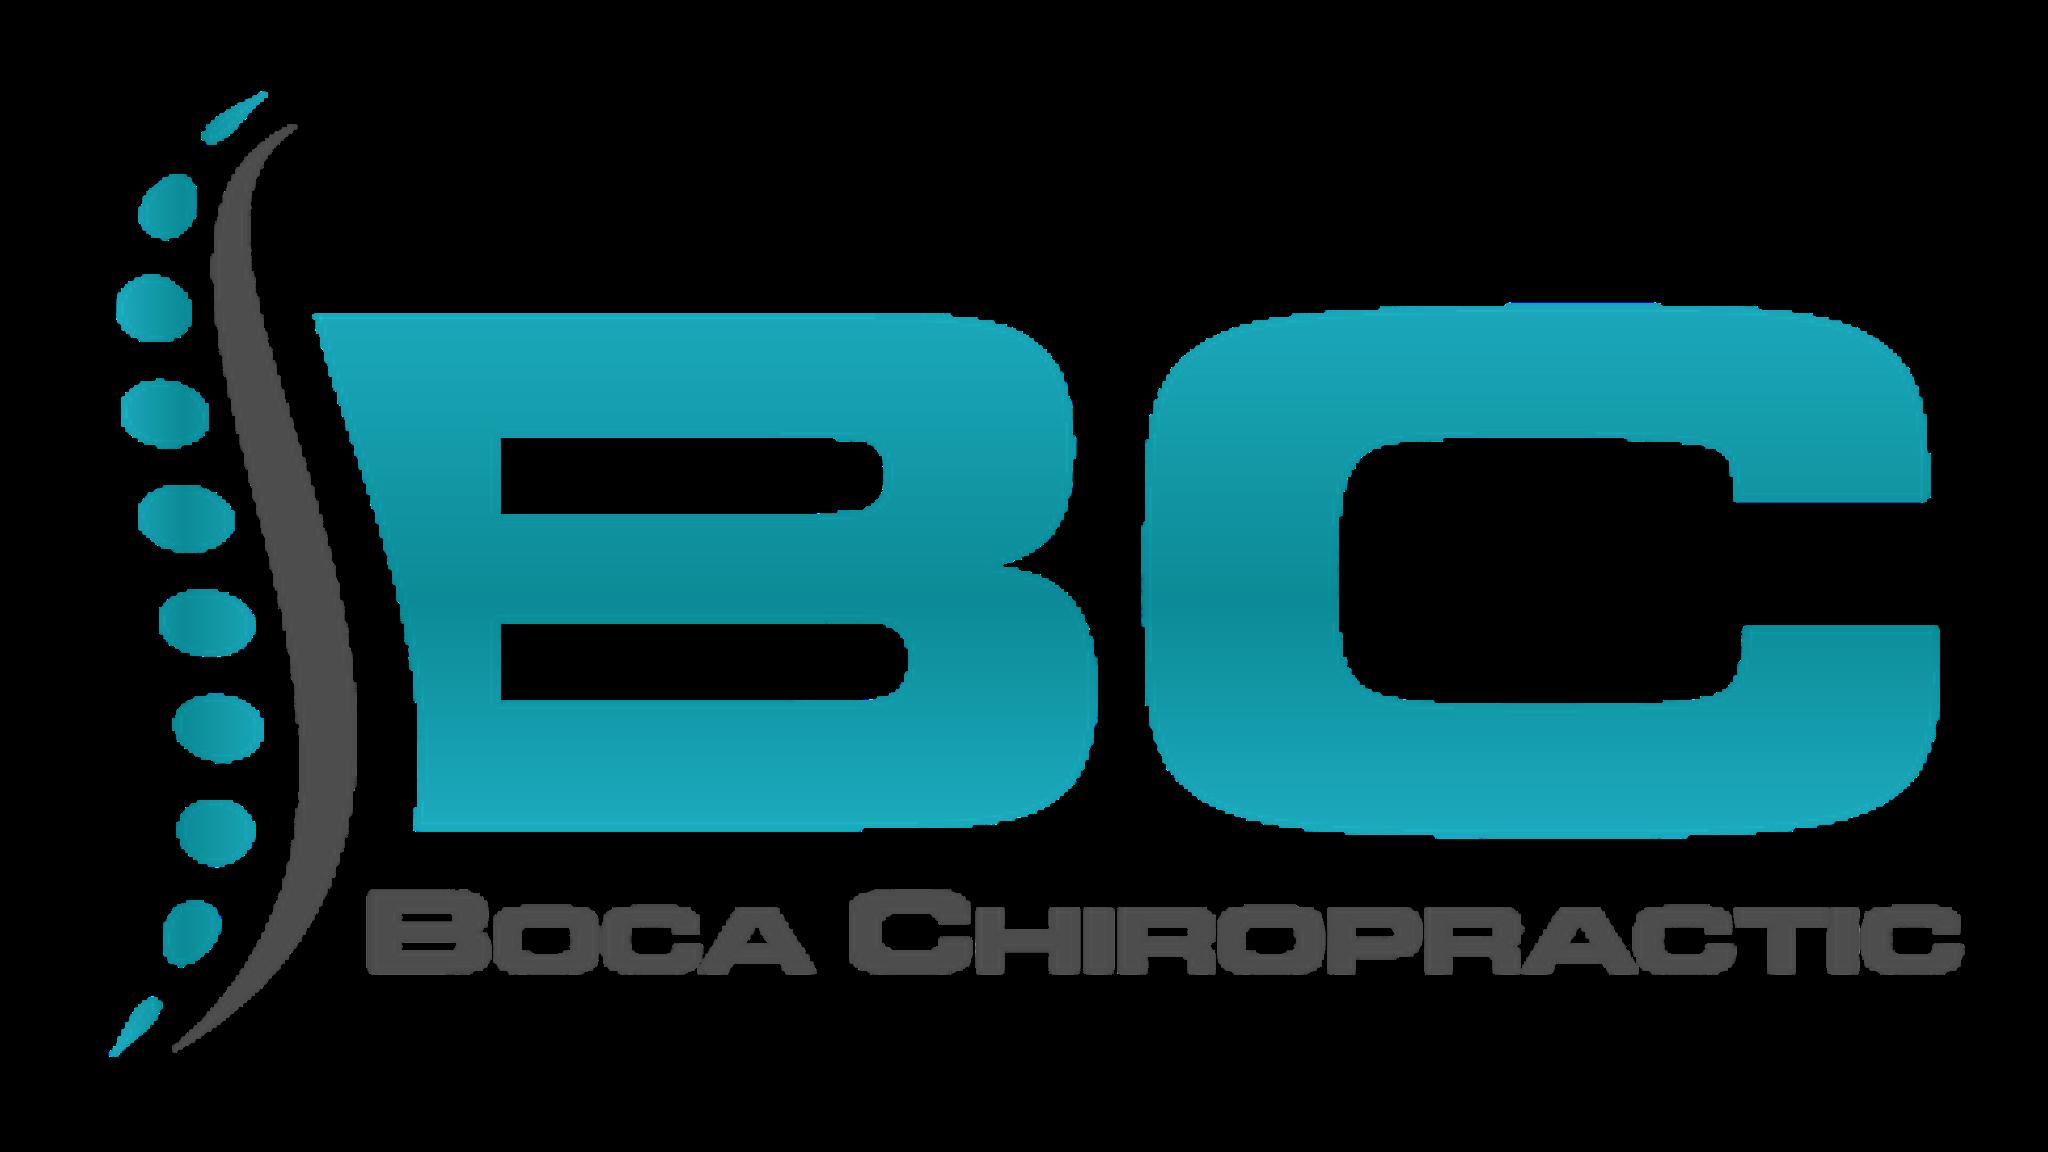 Boca Chiropractic